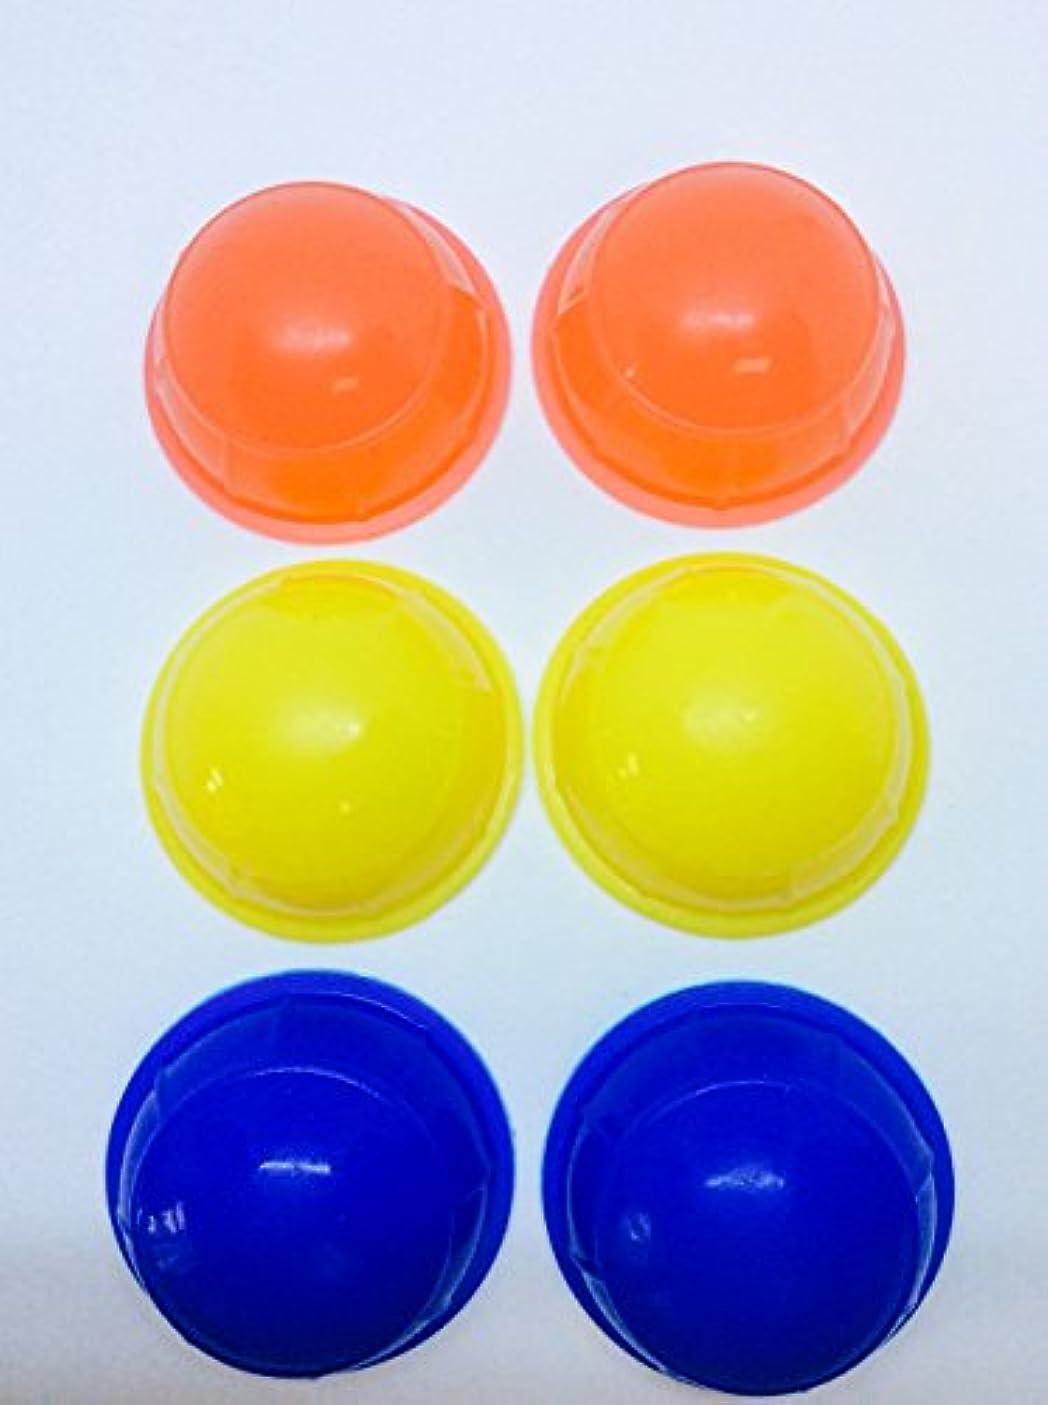 インタラクション家庭教師メダリストミニ簡易シリコン製吸い玉カップ 6個セット